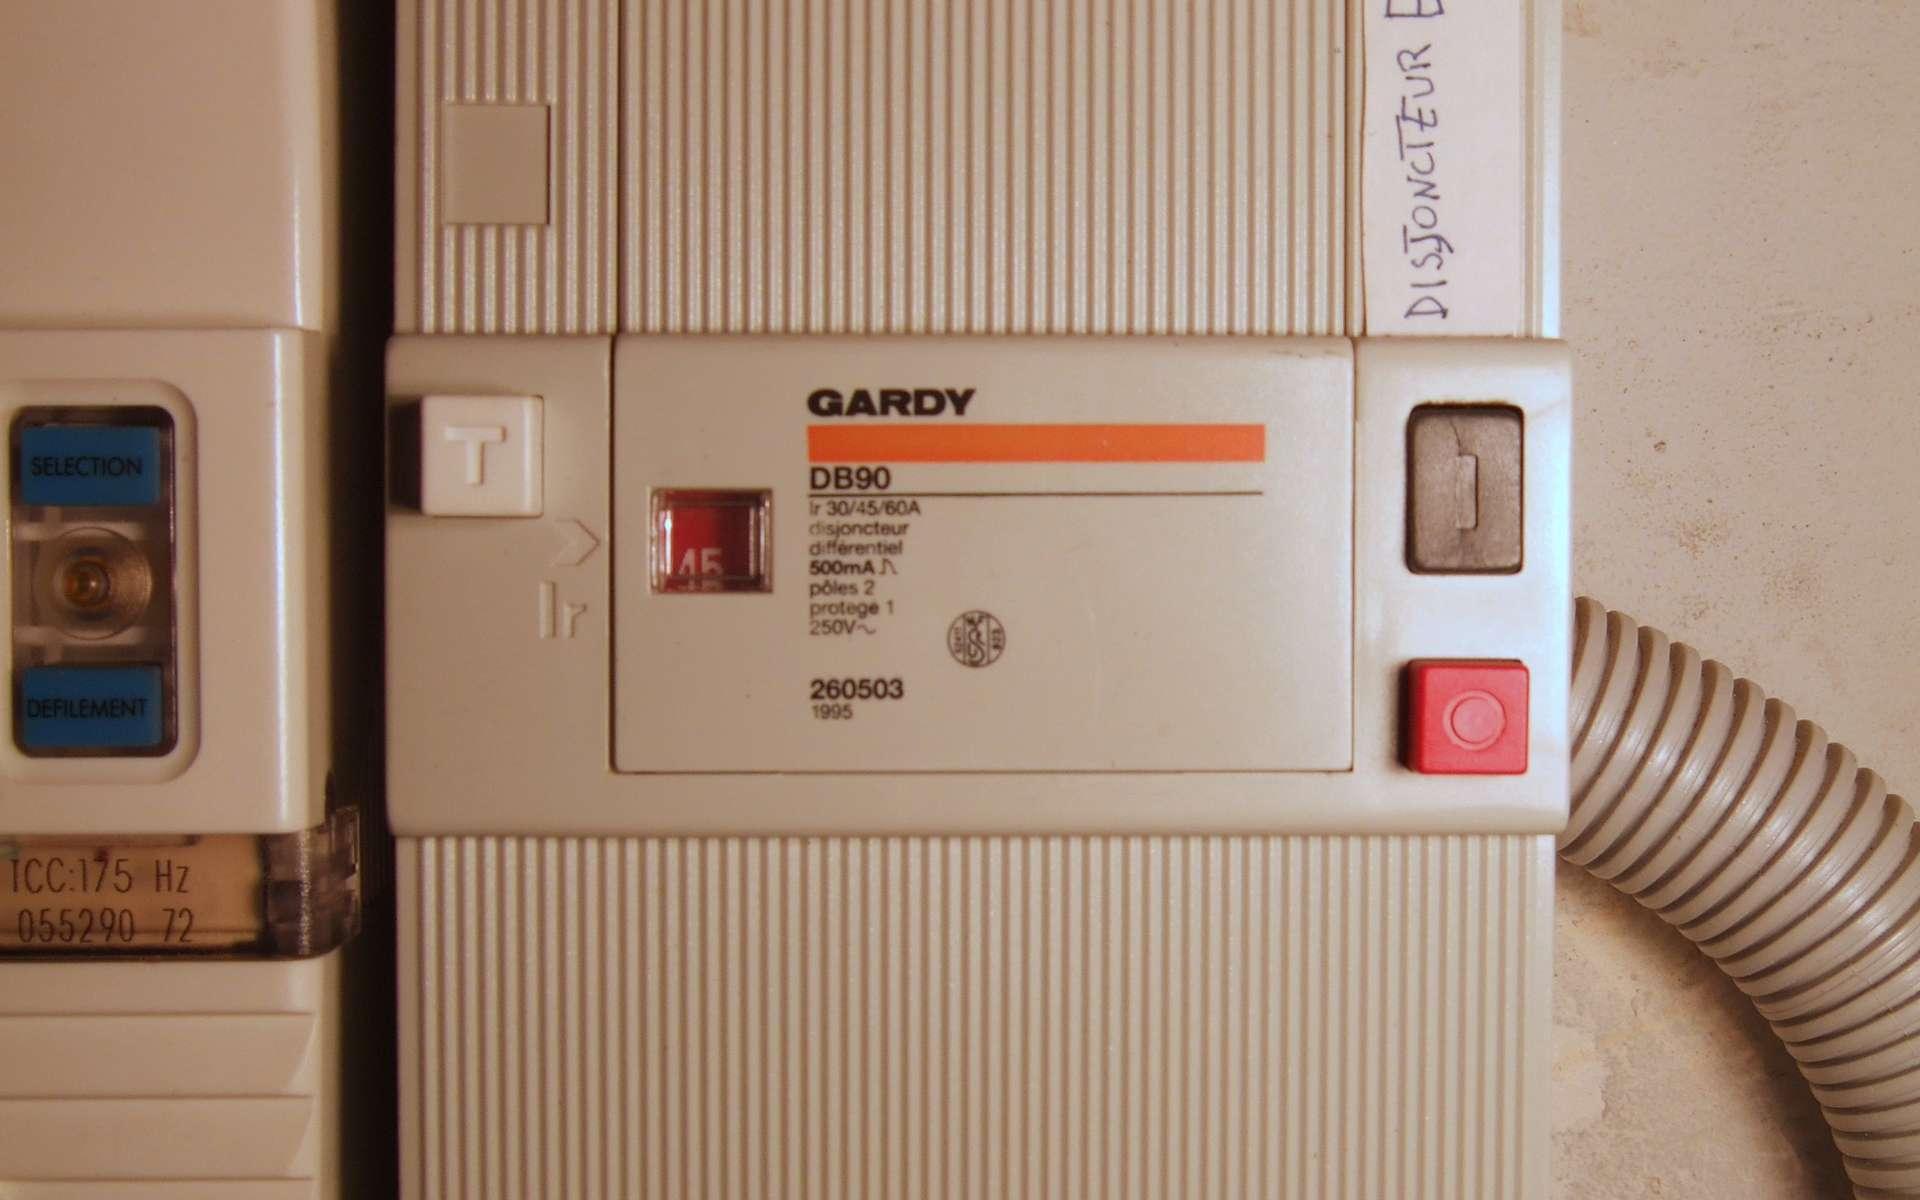 Le disjoncteur différentiel protège (aussi) une installation électrique contre les appareils défectueux qui pourraient provoquer des électrocutions. © Domaine public